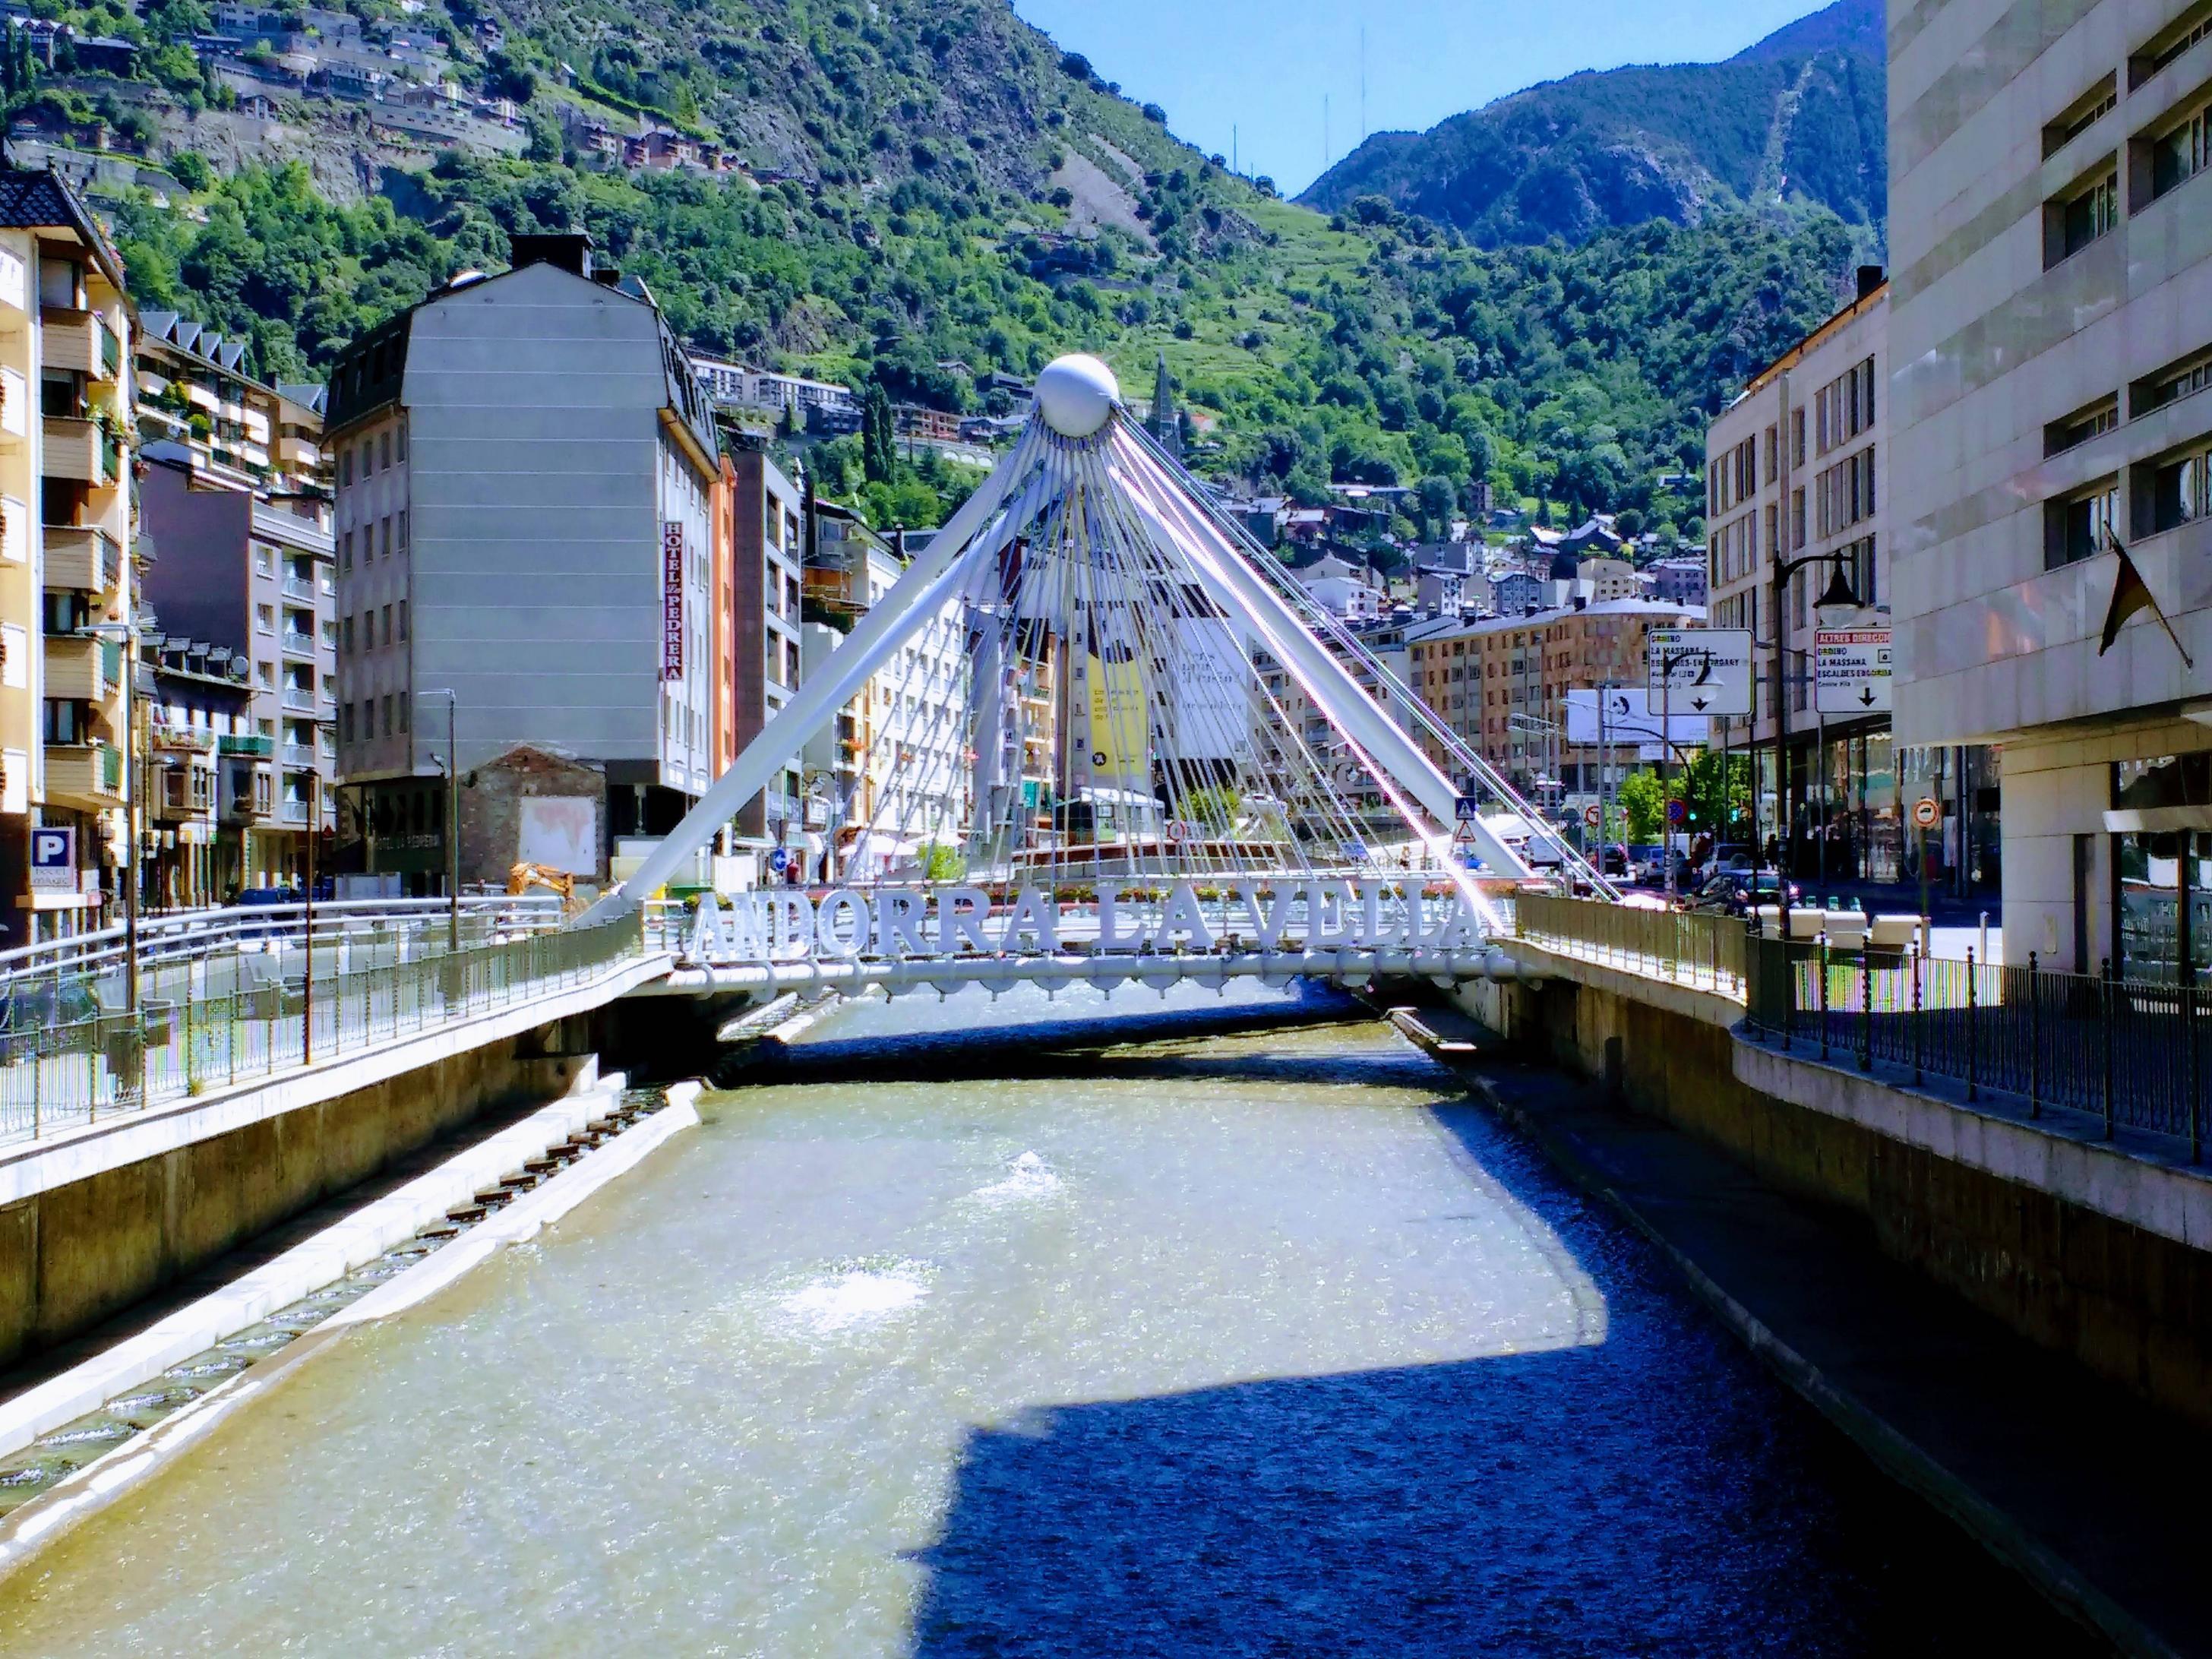 De brug in Andorra la Vella valt wel op (Foto: Panoramio)